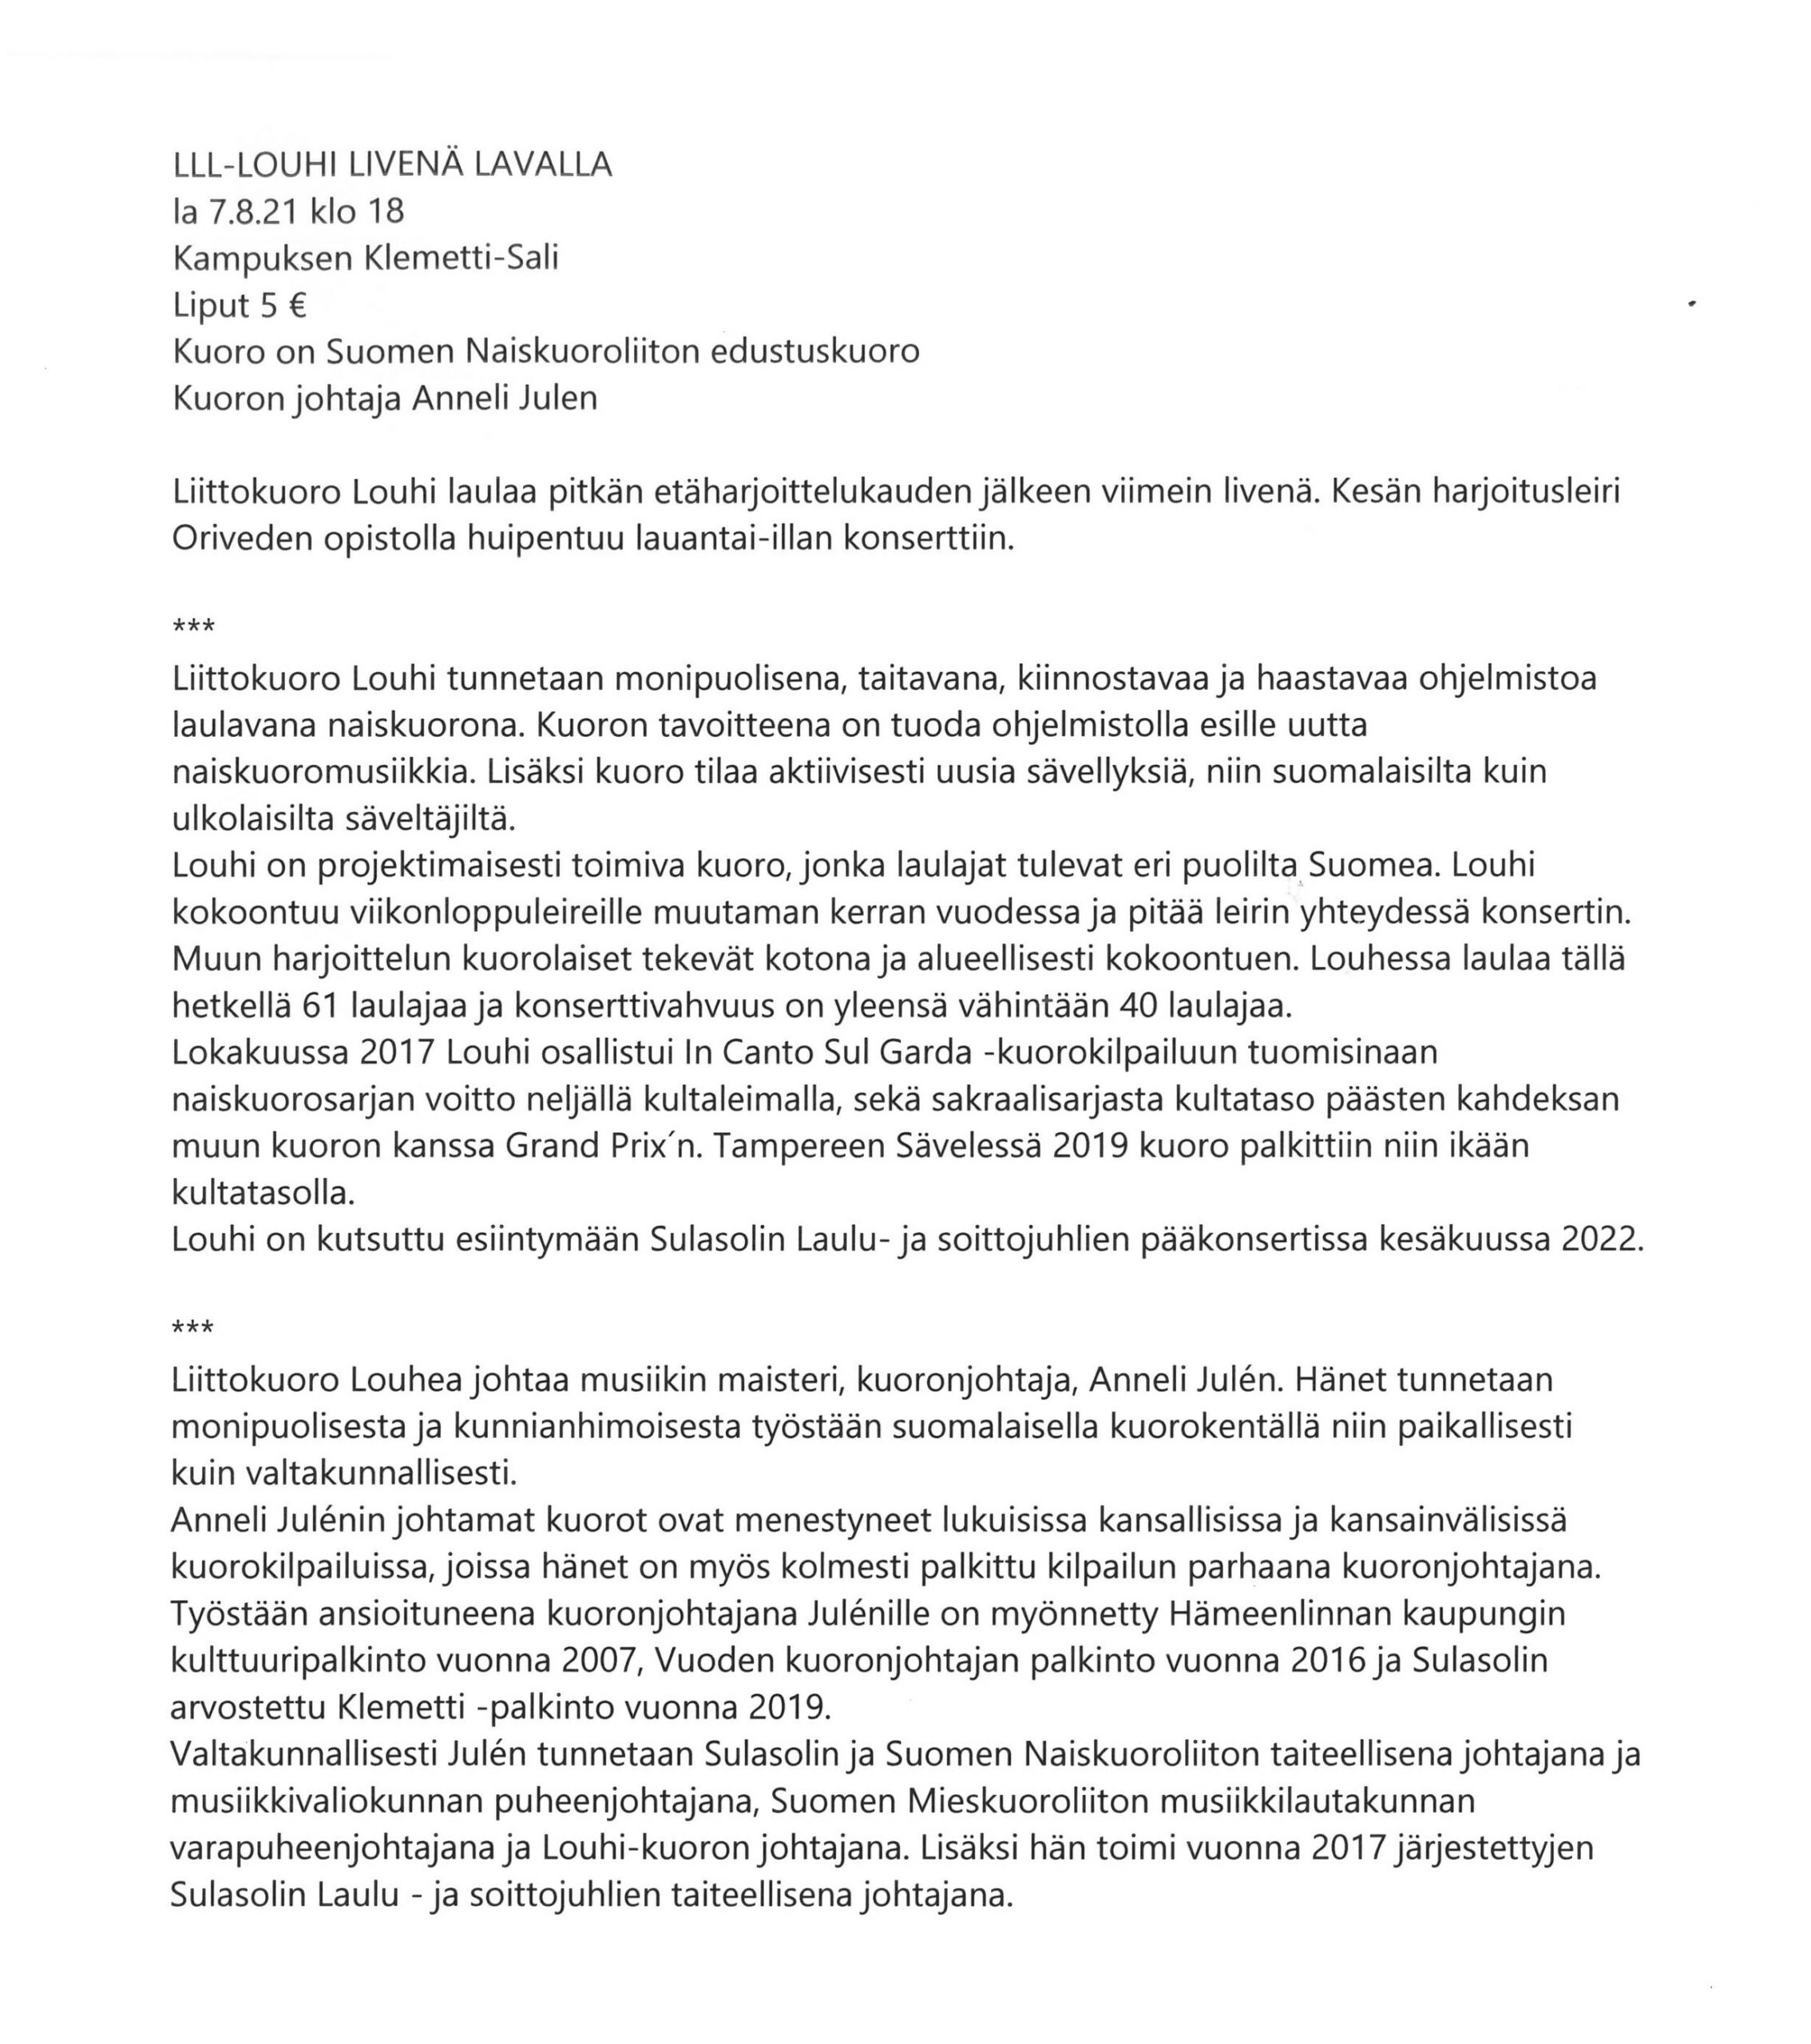 Suomen Naiskuoroliiton edustuskuoro Louhi Livenä Lavalla, Anneli Julén, Oriveden Kampus